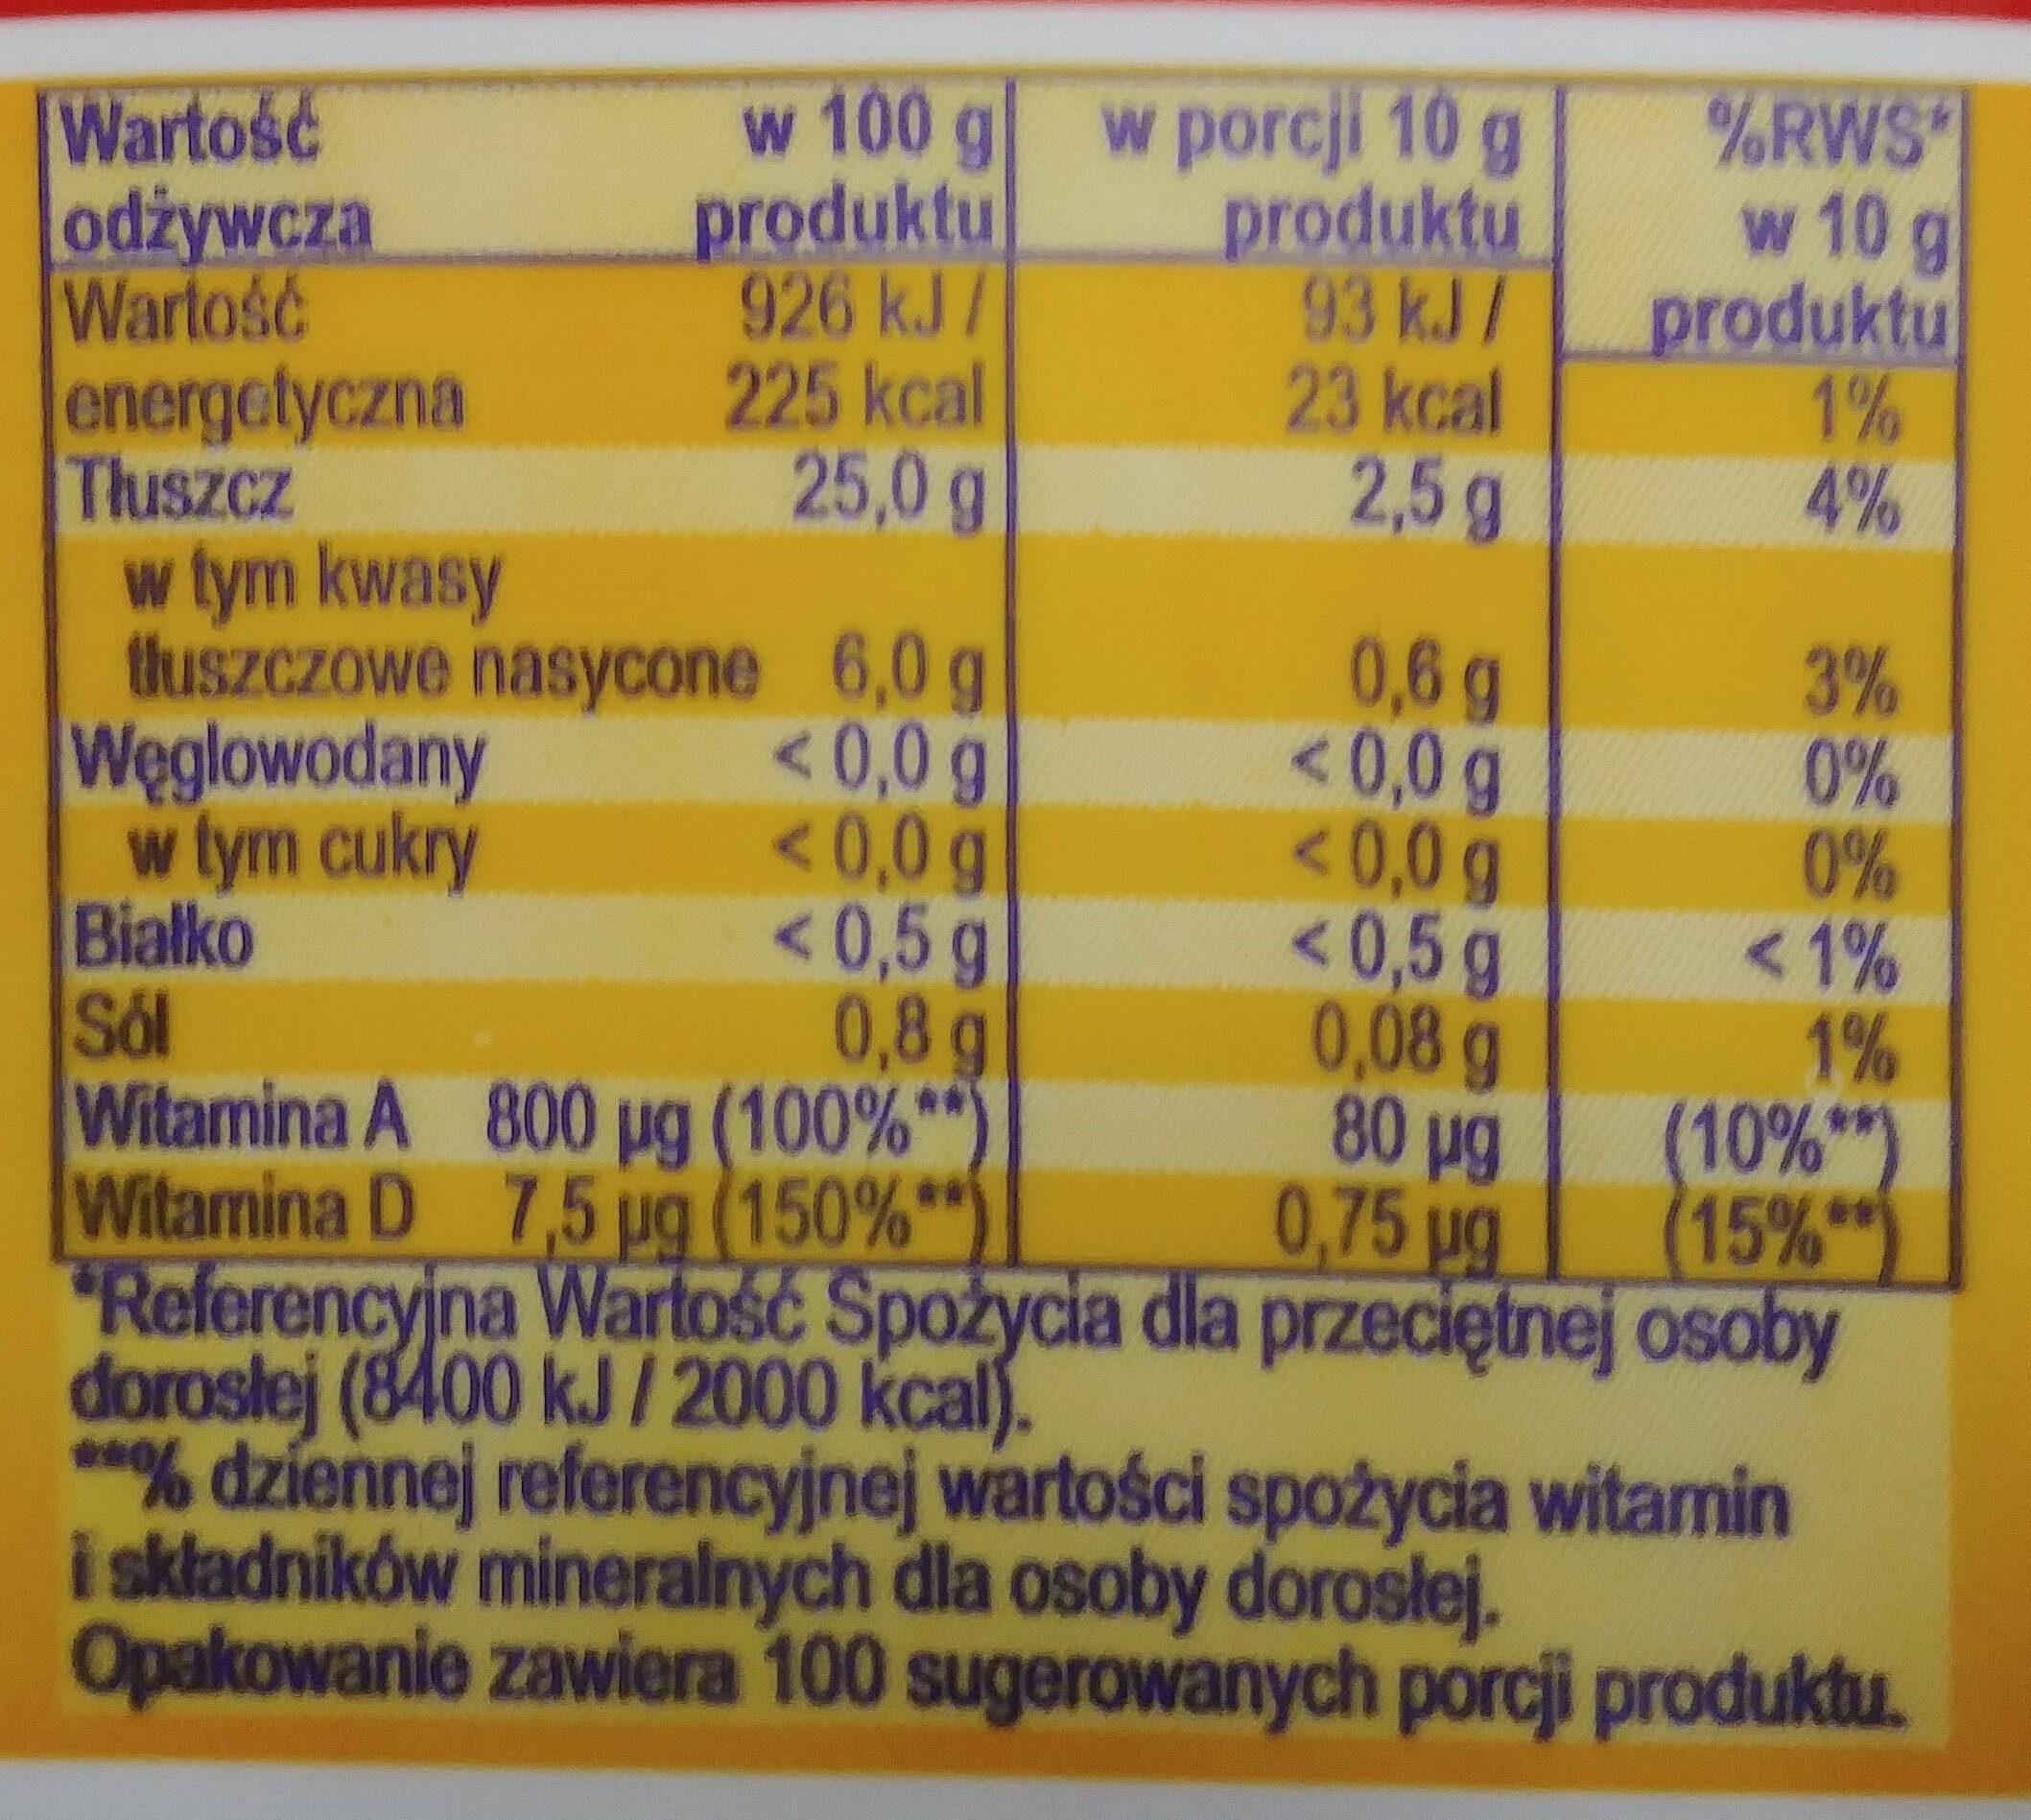 Margaryna Pyszna o smaku masła - Wartości odżywcze